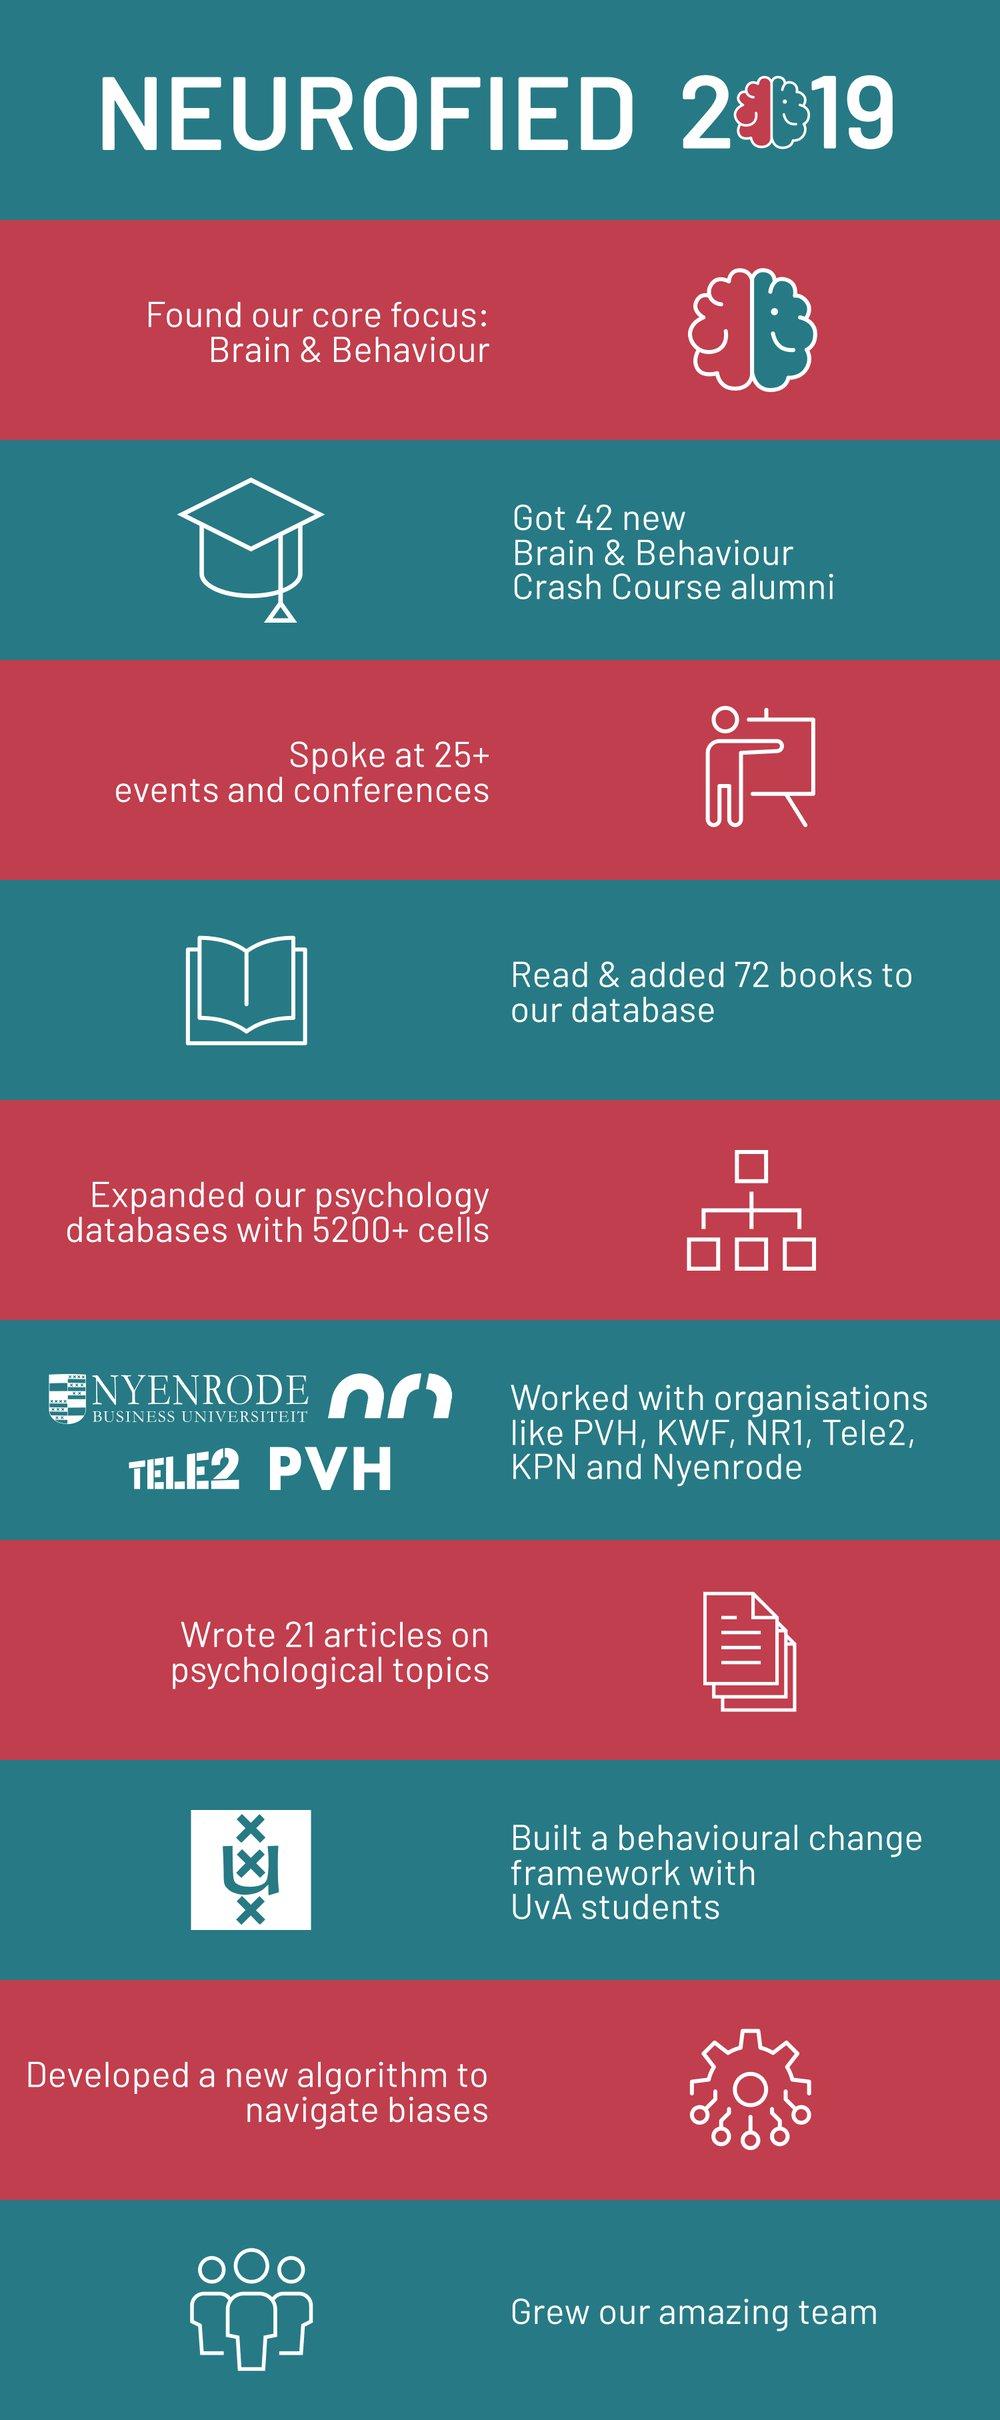 Neurofied 2019 in 10 bullet points